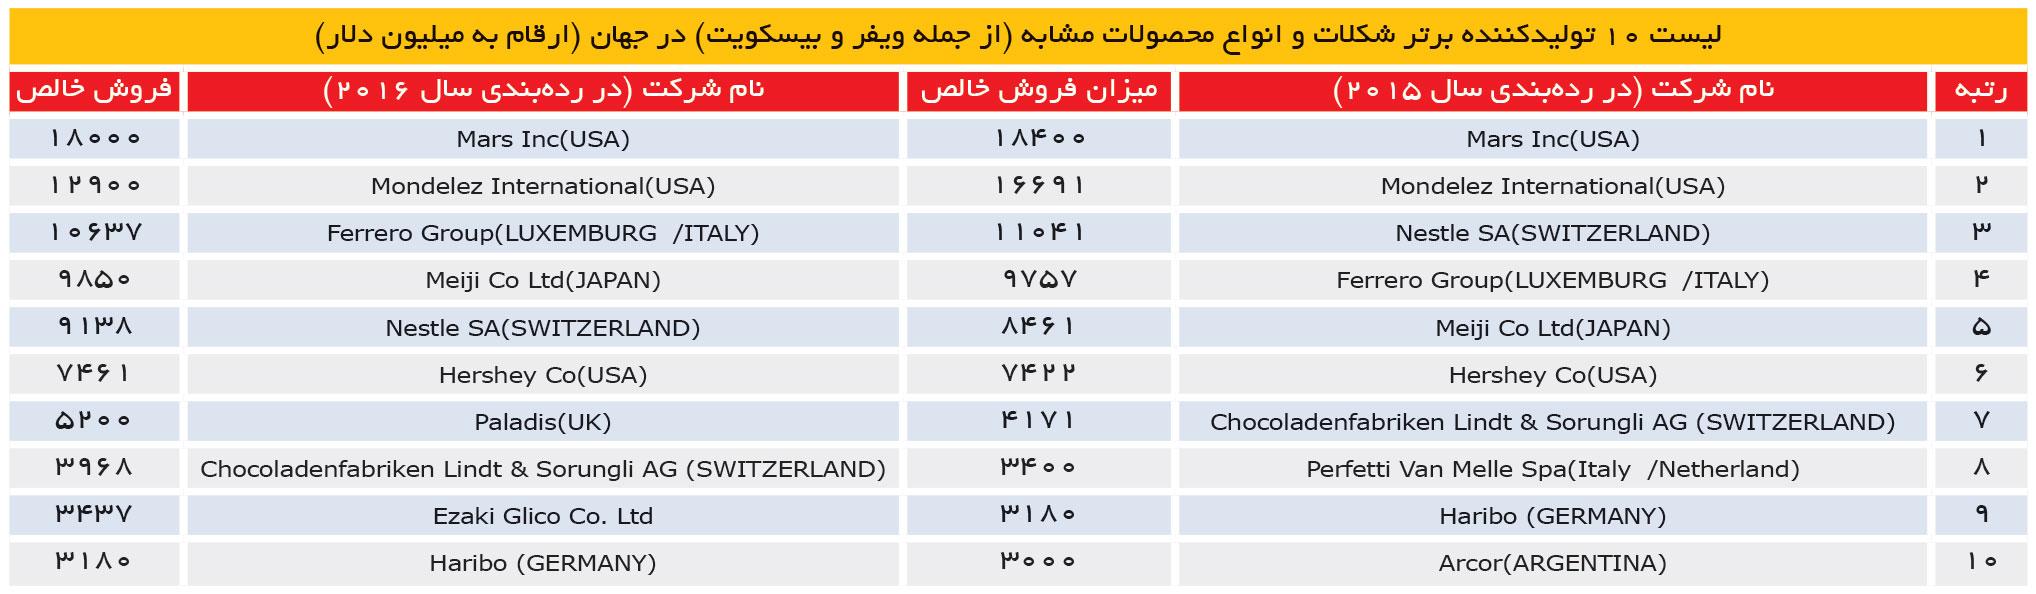 تجارت فردا- لیست 10 تولیدکننده برتر شکلات در جهان